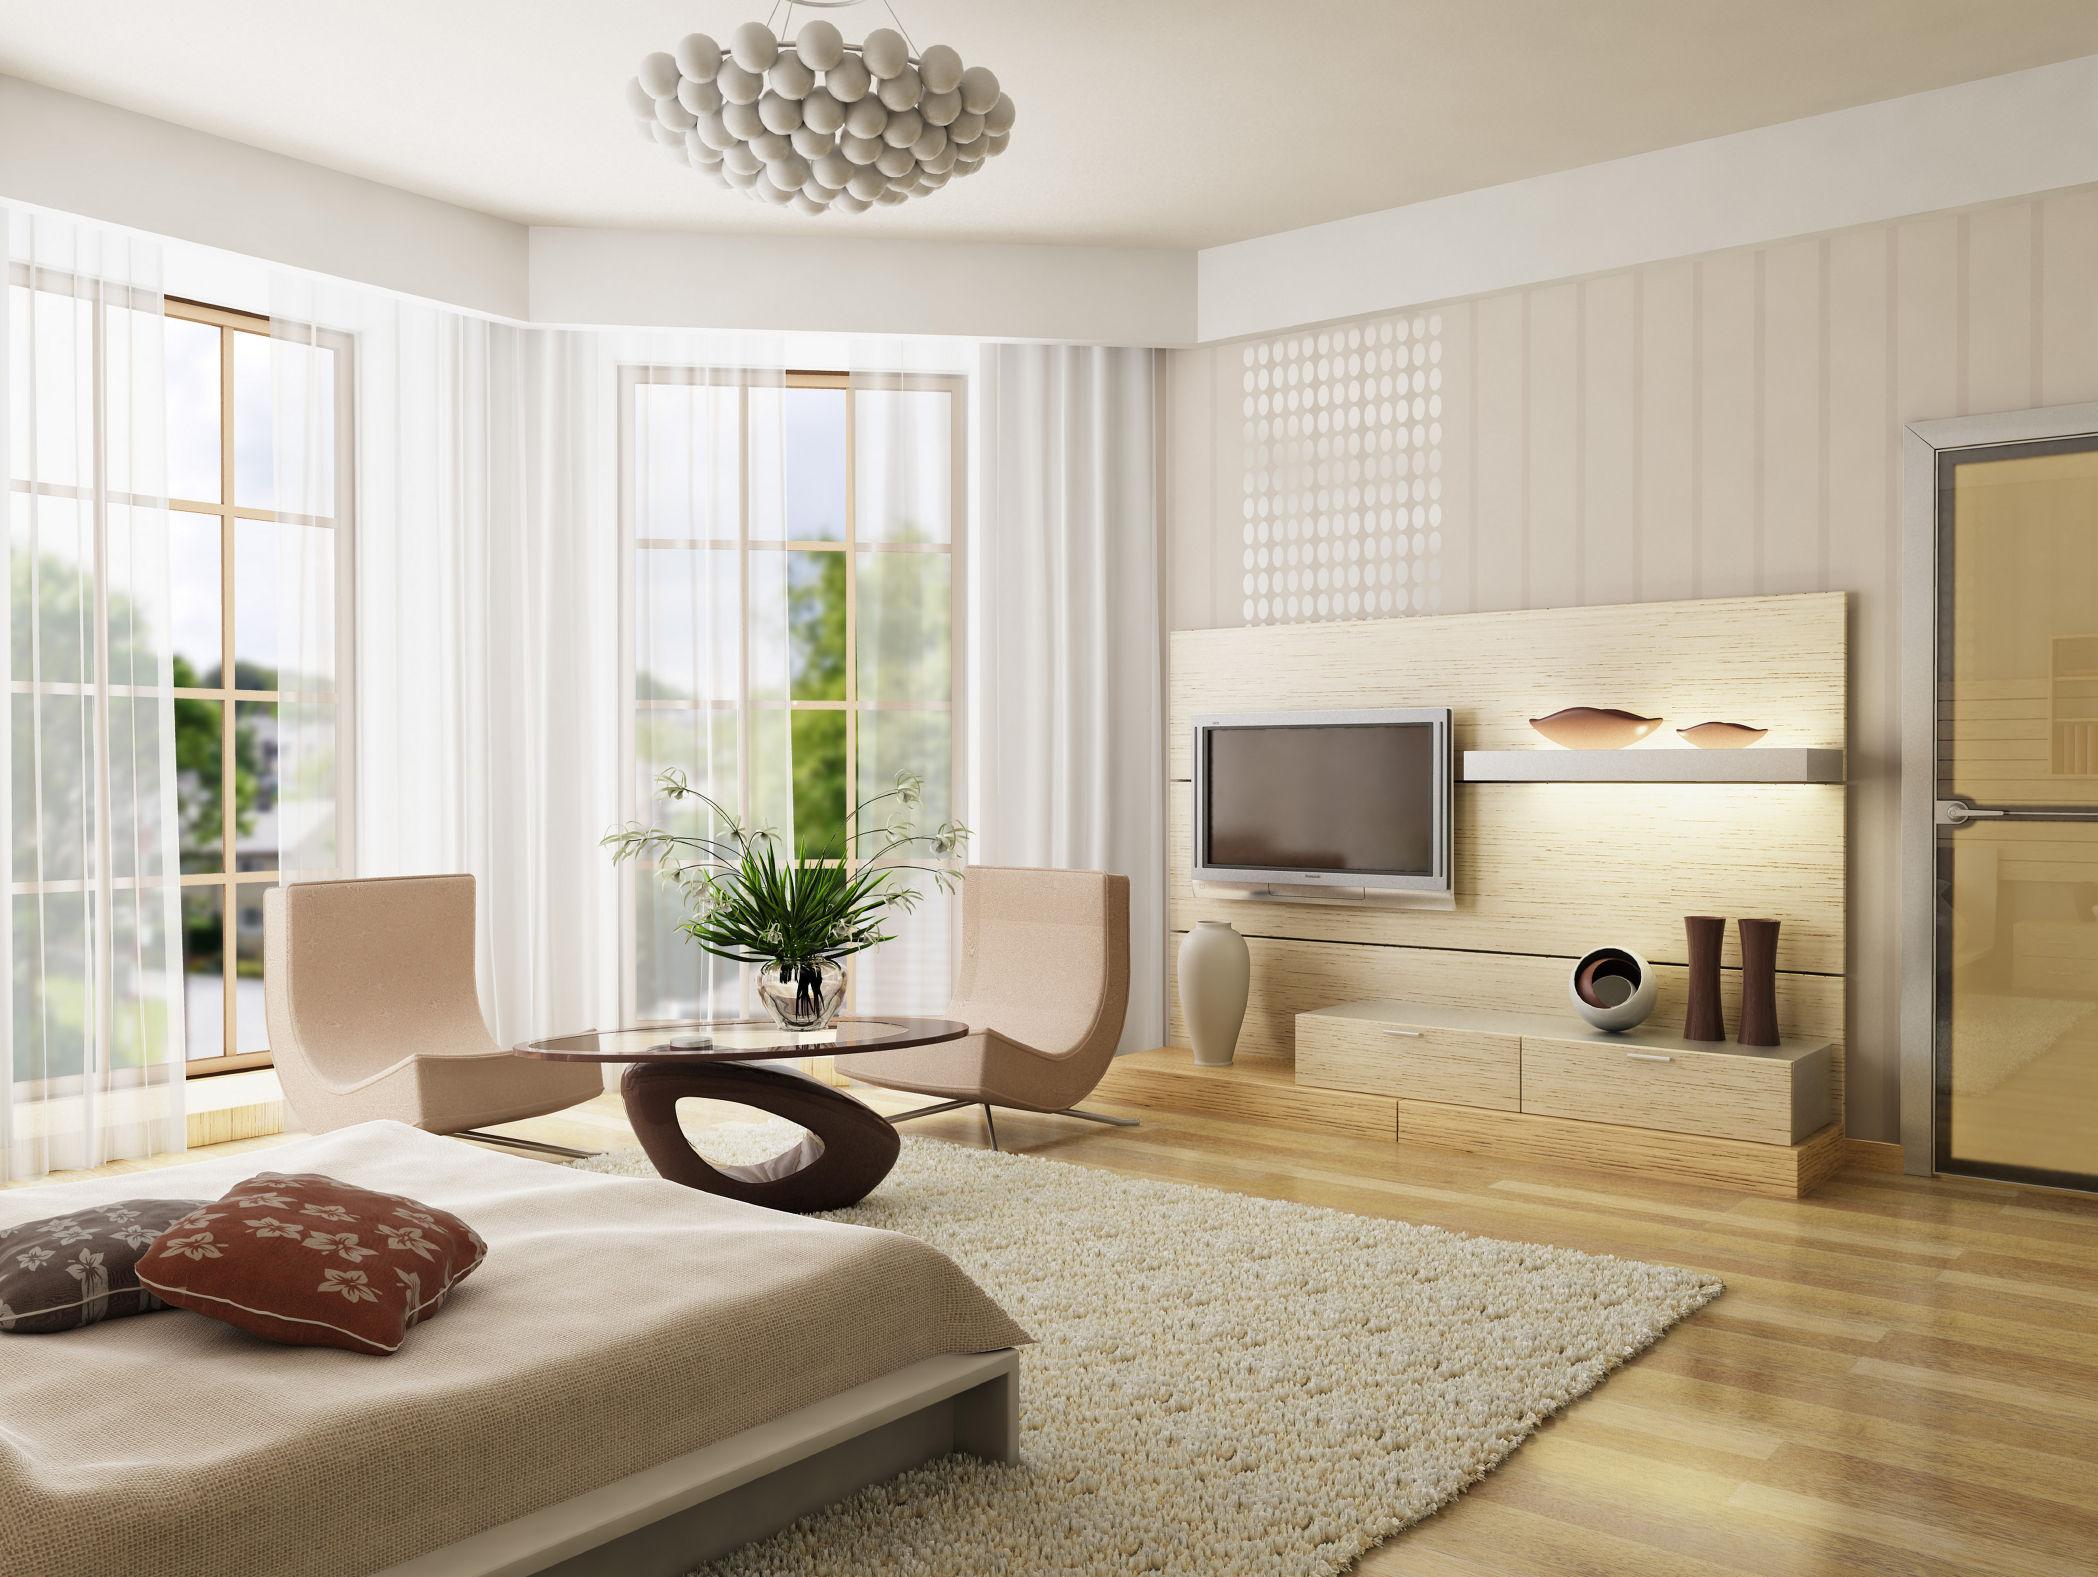 2016最新室内装修材料大全 室内装修材料清单